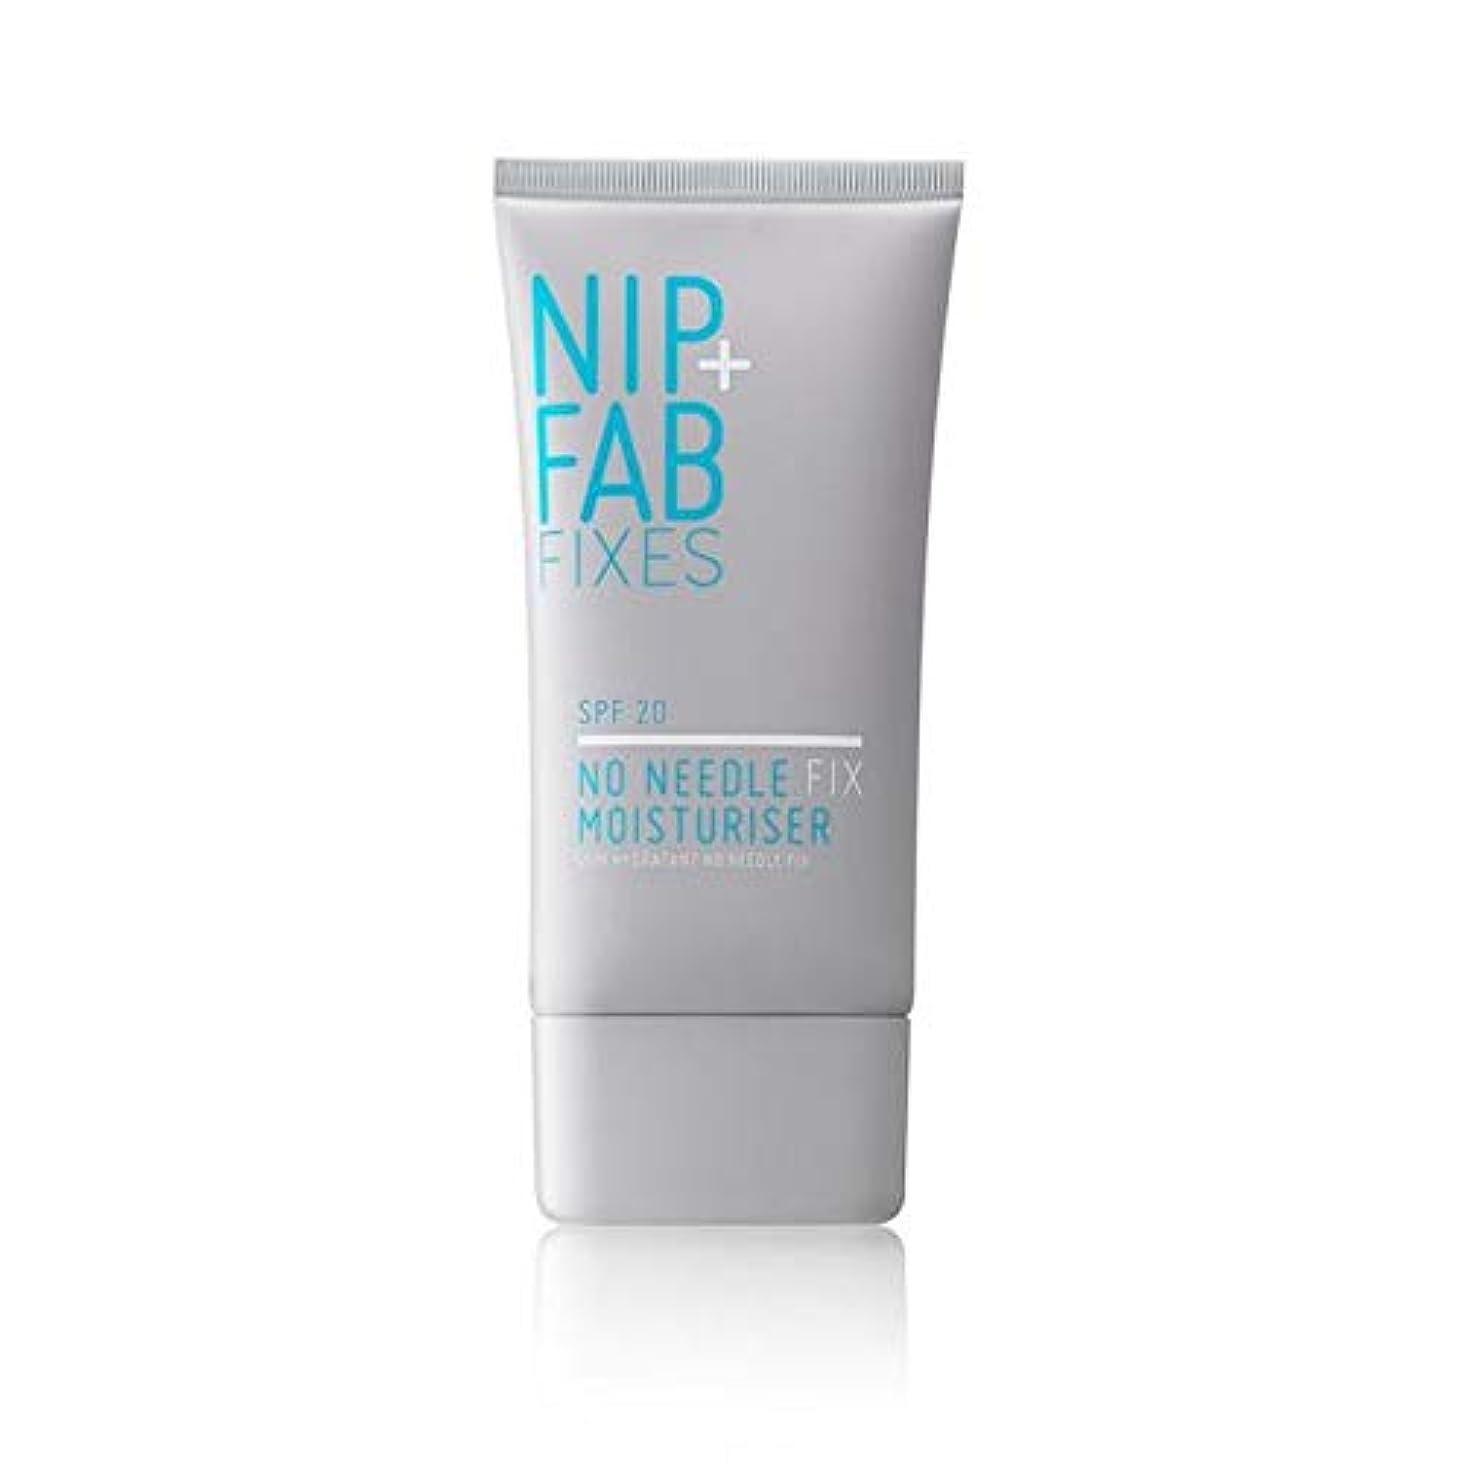 年値意味する[Nip & Fab ] + Fab無針修正Spf 20日クリーム40ミリリットルニップ - Nip+Fab No Needle Fix SPF 20 Day Cream 40ml [並行輸入品]